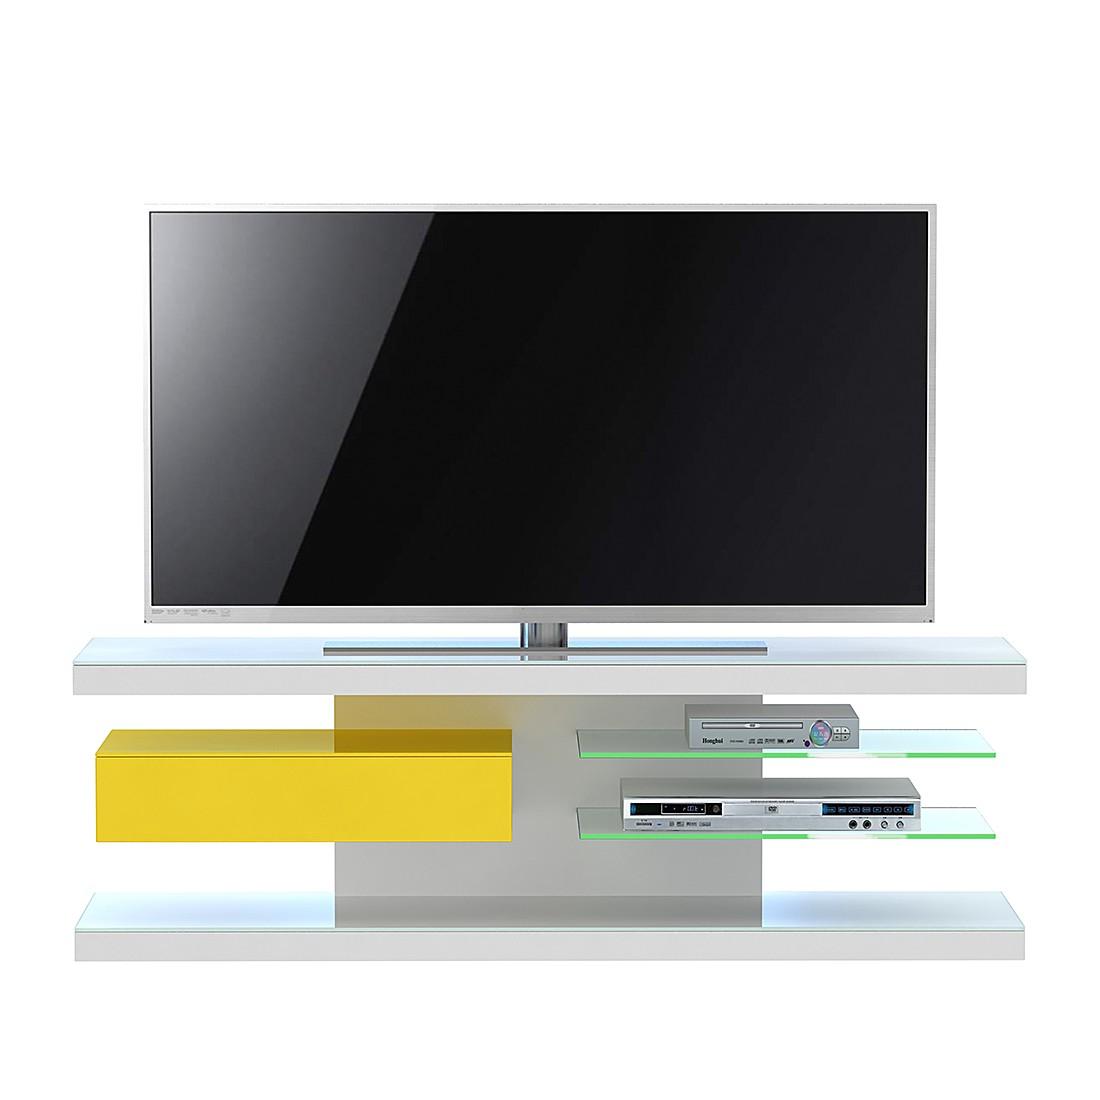 Meuble TV SL 660 - Avec éclairage - Blanc / Jaune, Jahnke